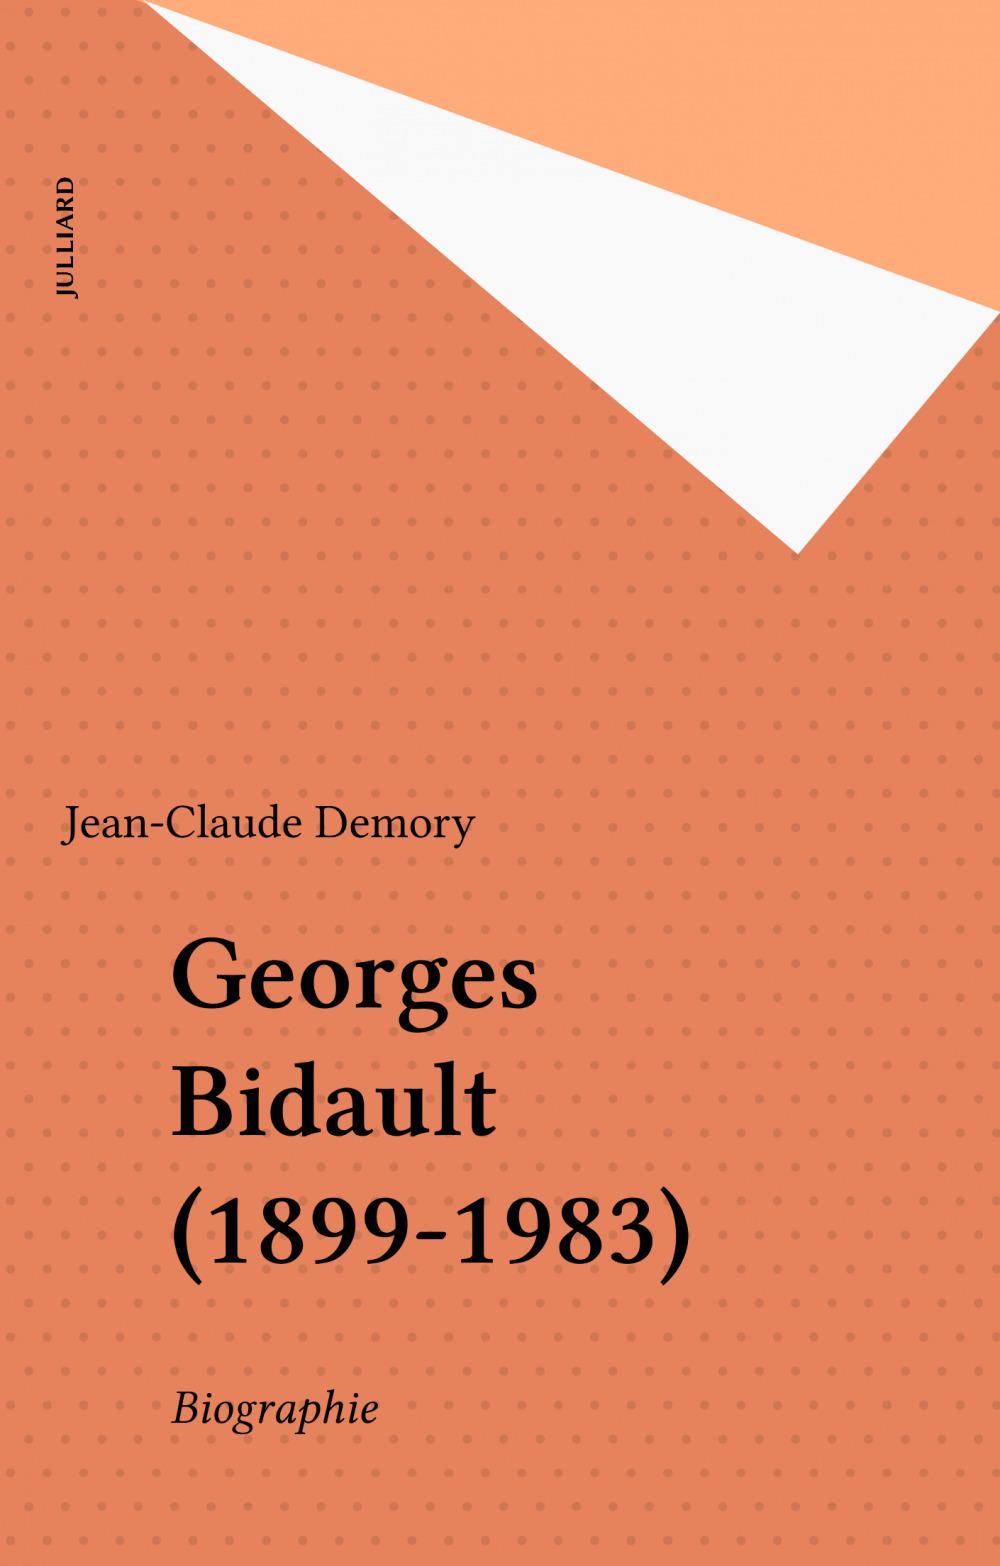 Georges Bidault (1899-1983)